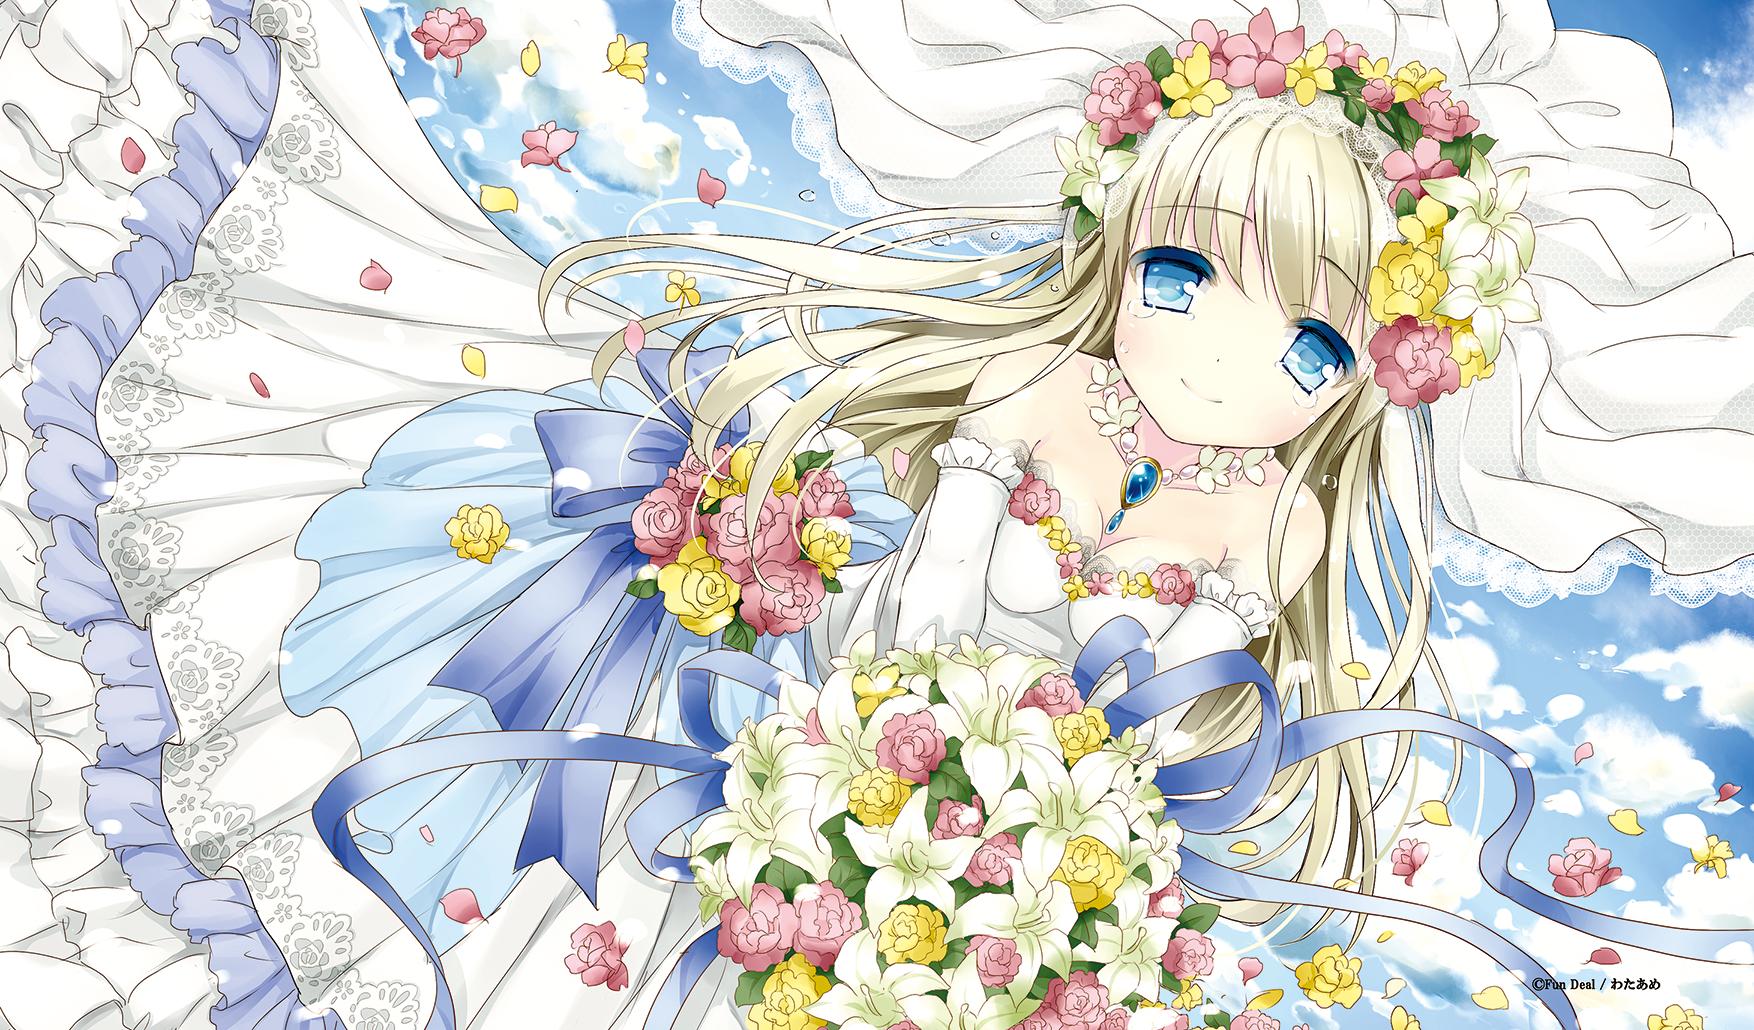 C94限定 天界の花嫁 シェルファール  イラスト:わたあめ ¥3,000(税込)